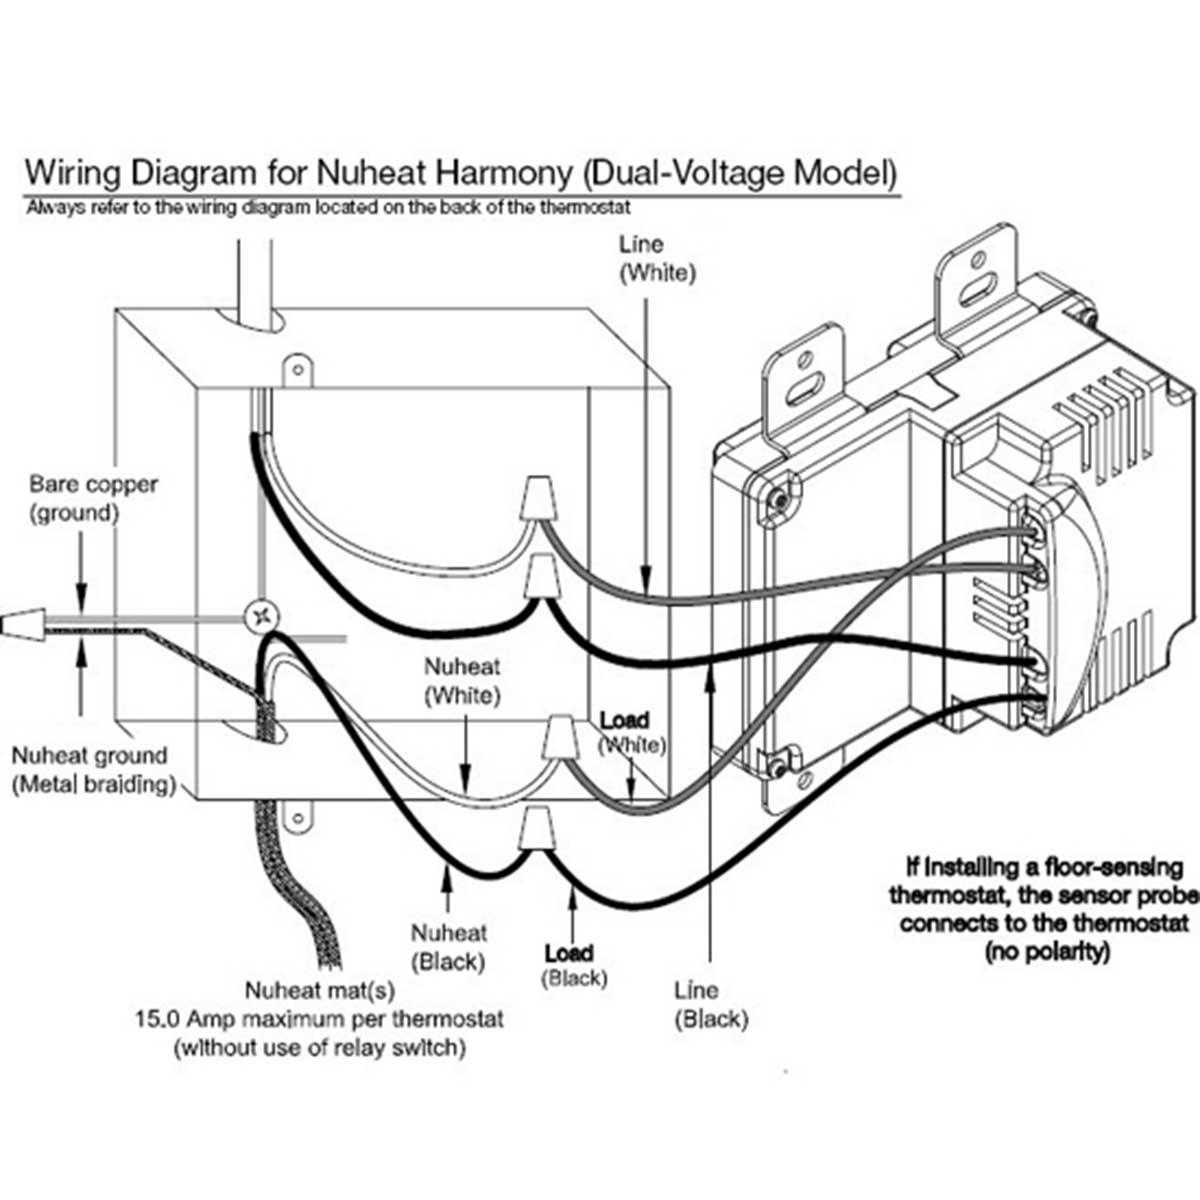 nuheat floor heating manual pictures [ 1200 x 1200 Pixel ]